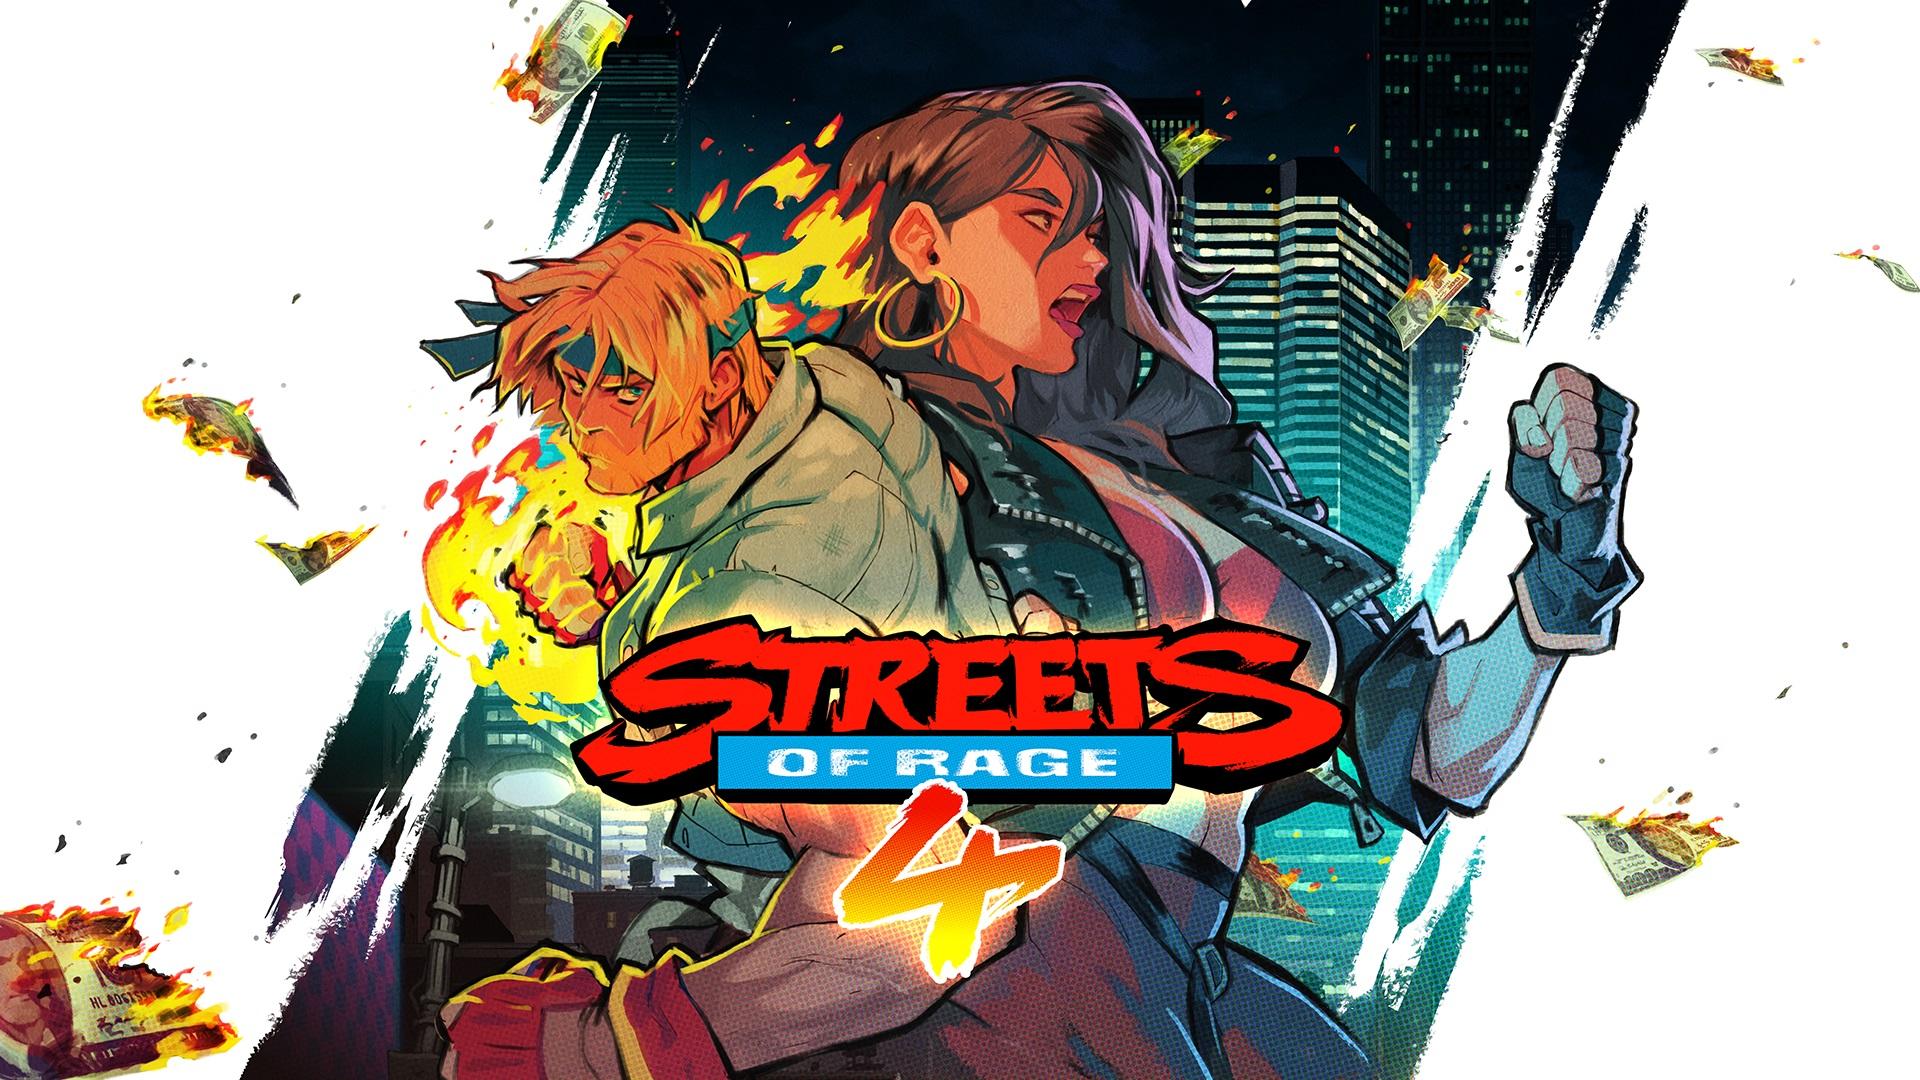 هفتهی آینده جزئیات بیشتری از بازی Streets of Rage 4 منتشر خواهد شد